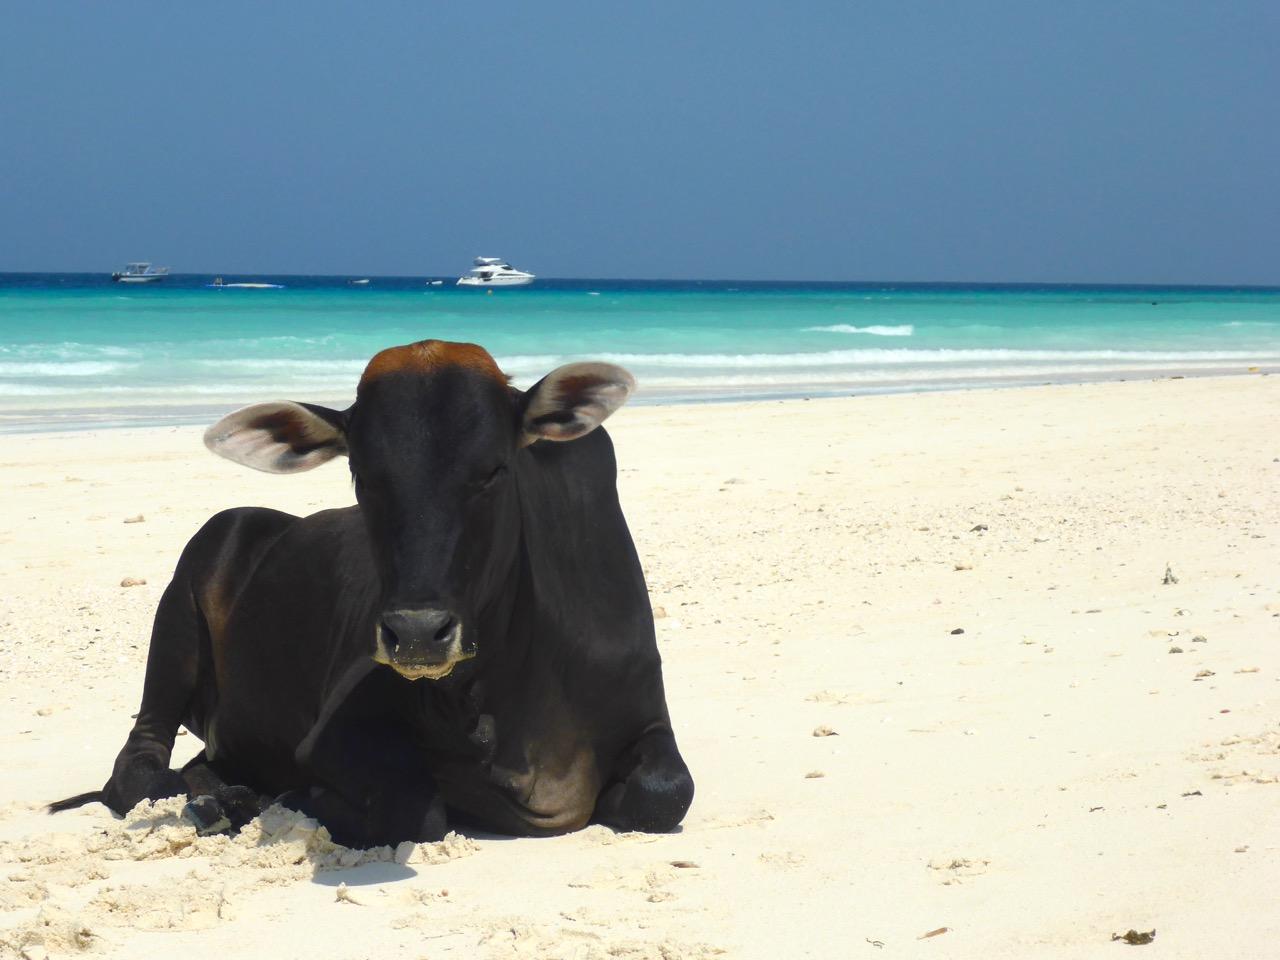 Cow on Nungwi Beach, Zanzibar